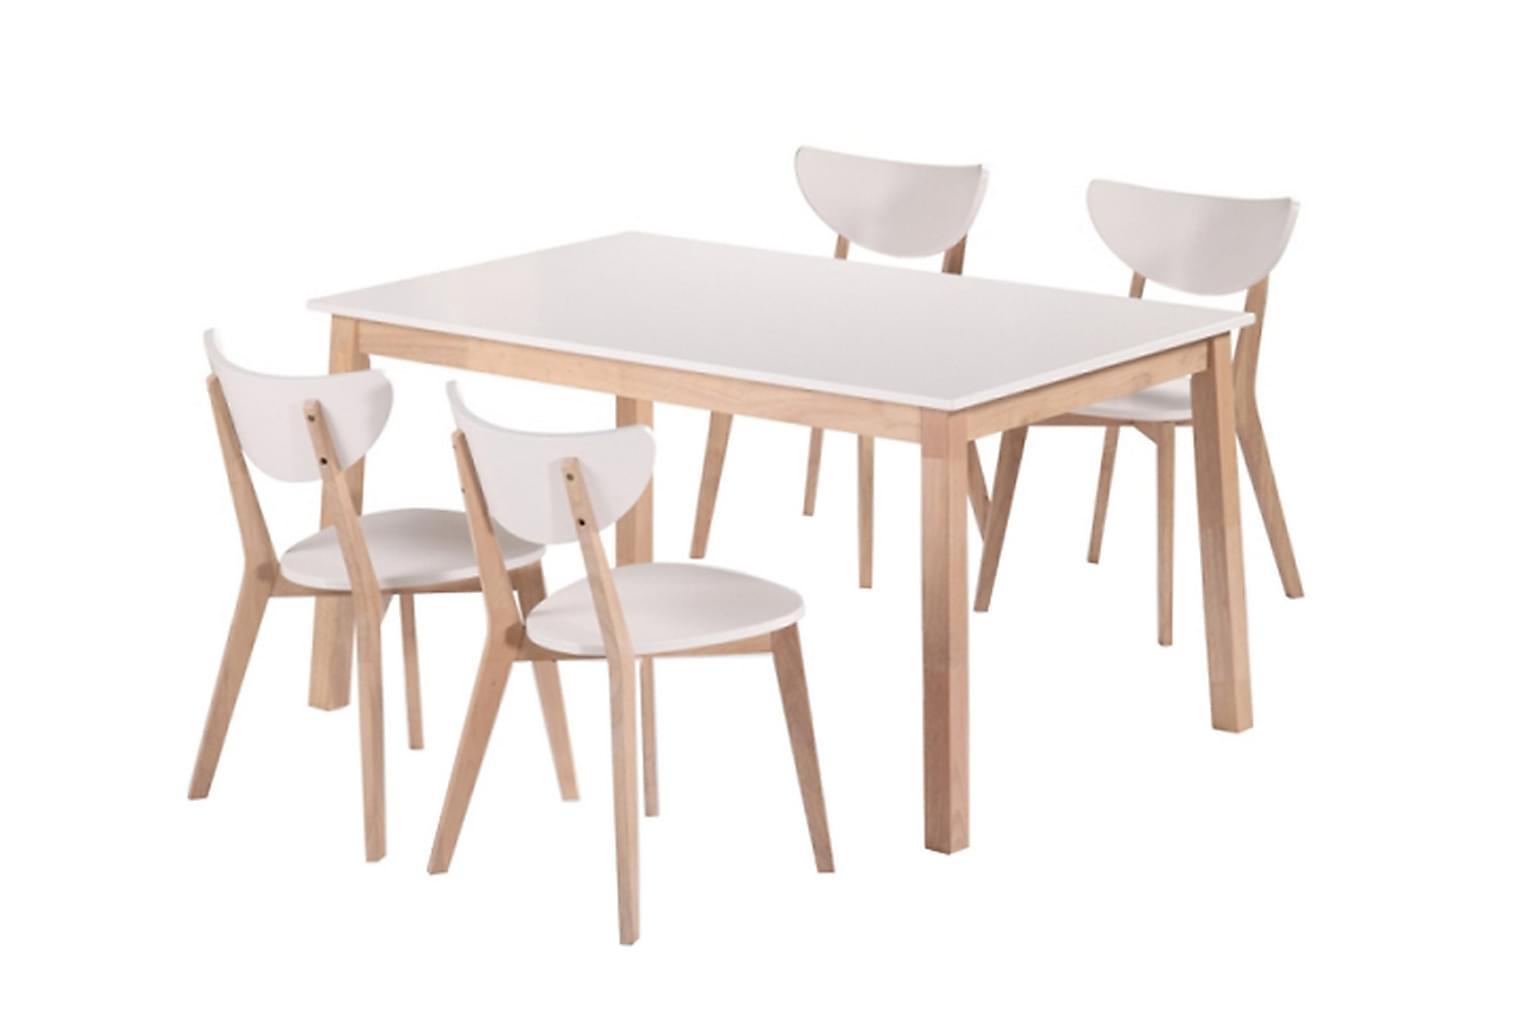 NORDQVIST Pöytä 140 Valkoinen + 4 Tuolia Luonnonvärinen/Valk